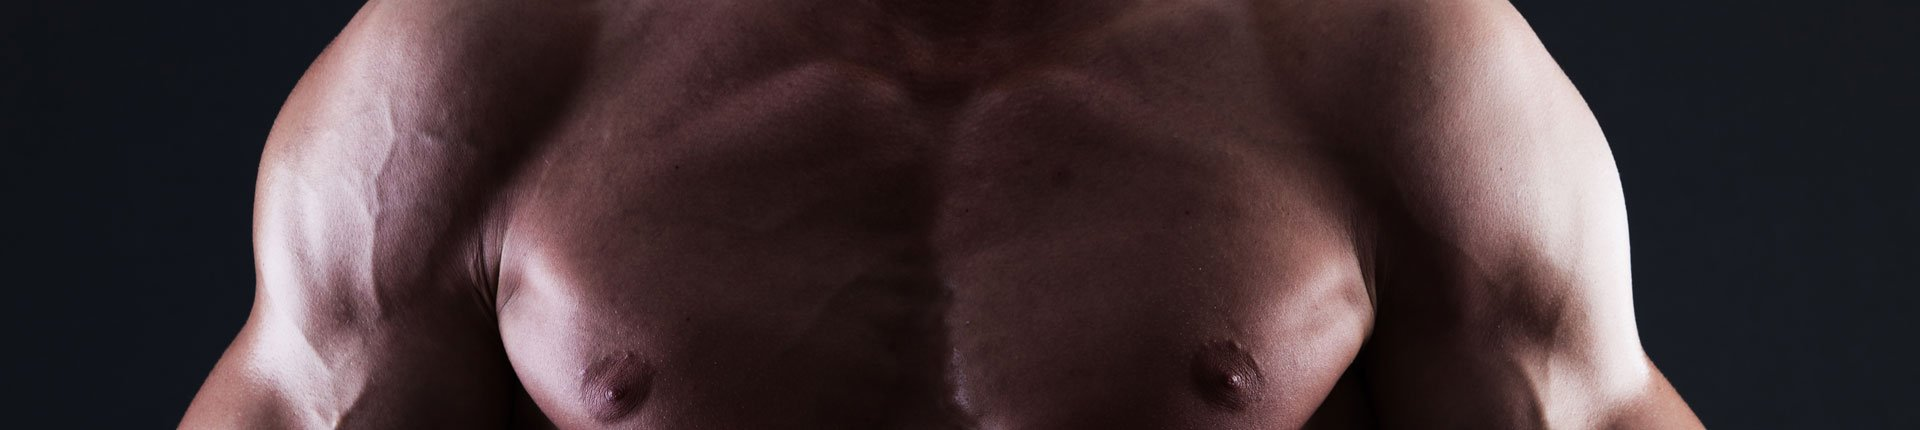 Pompki w wersji na górną część klatki piersiowej